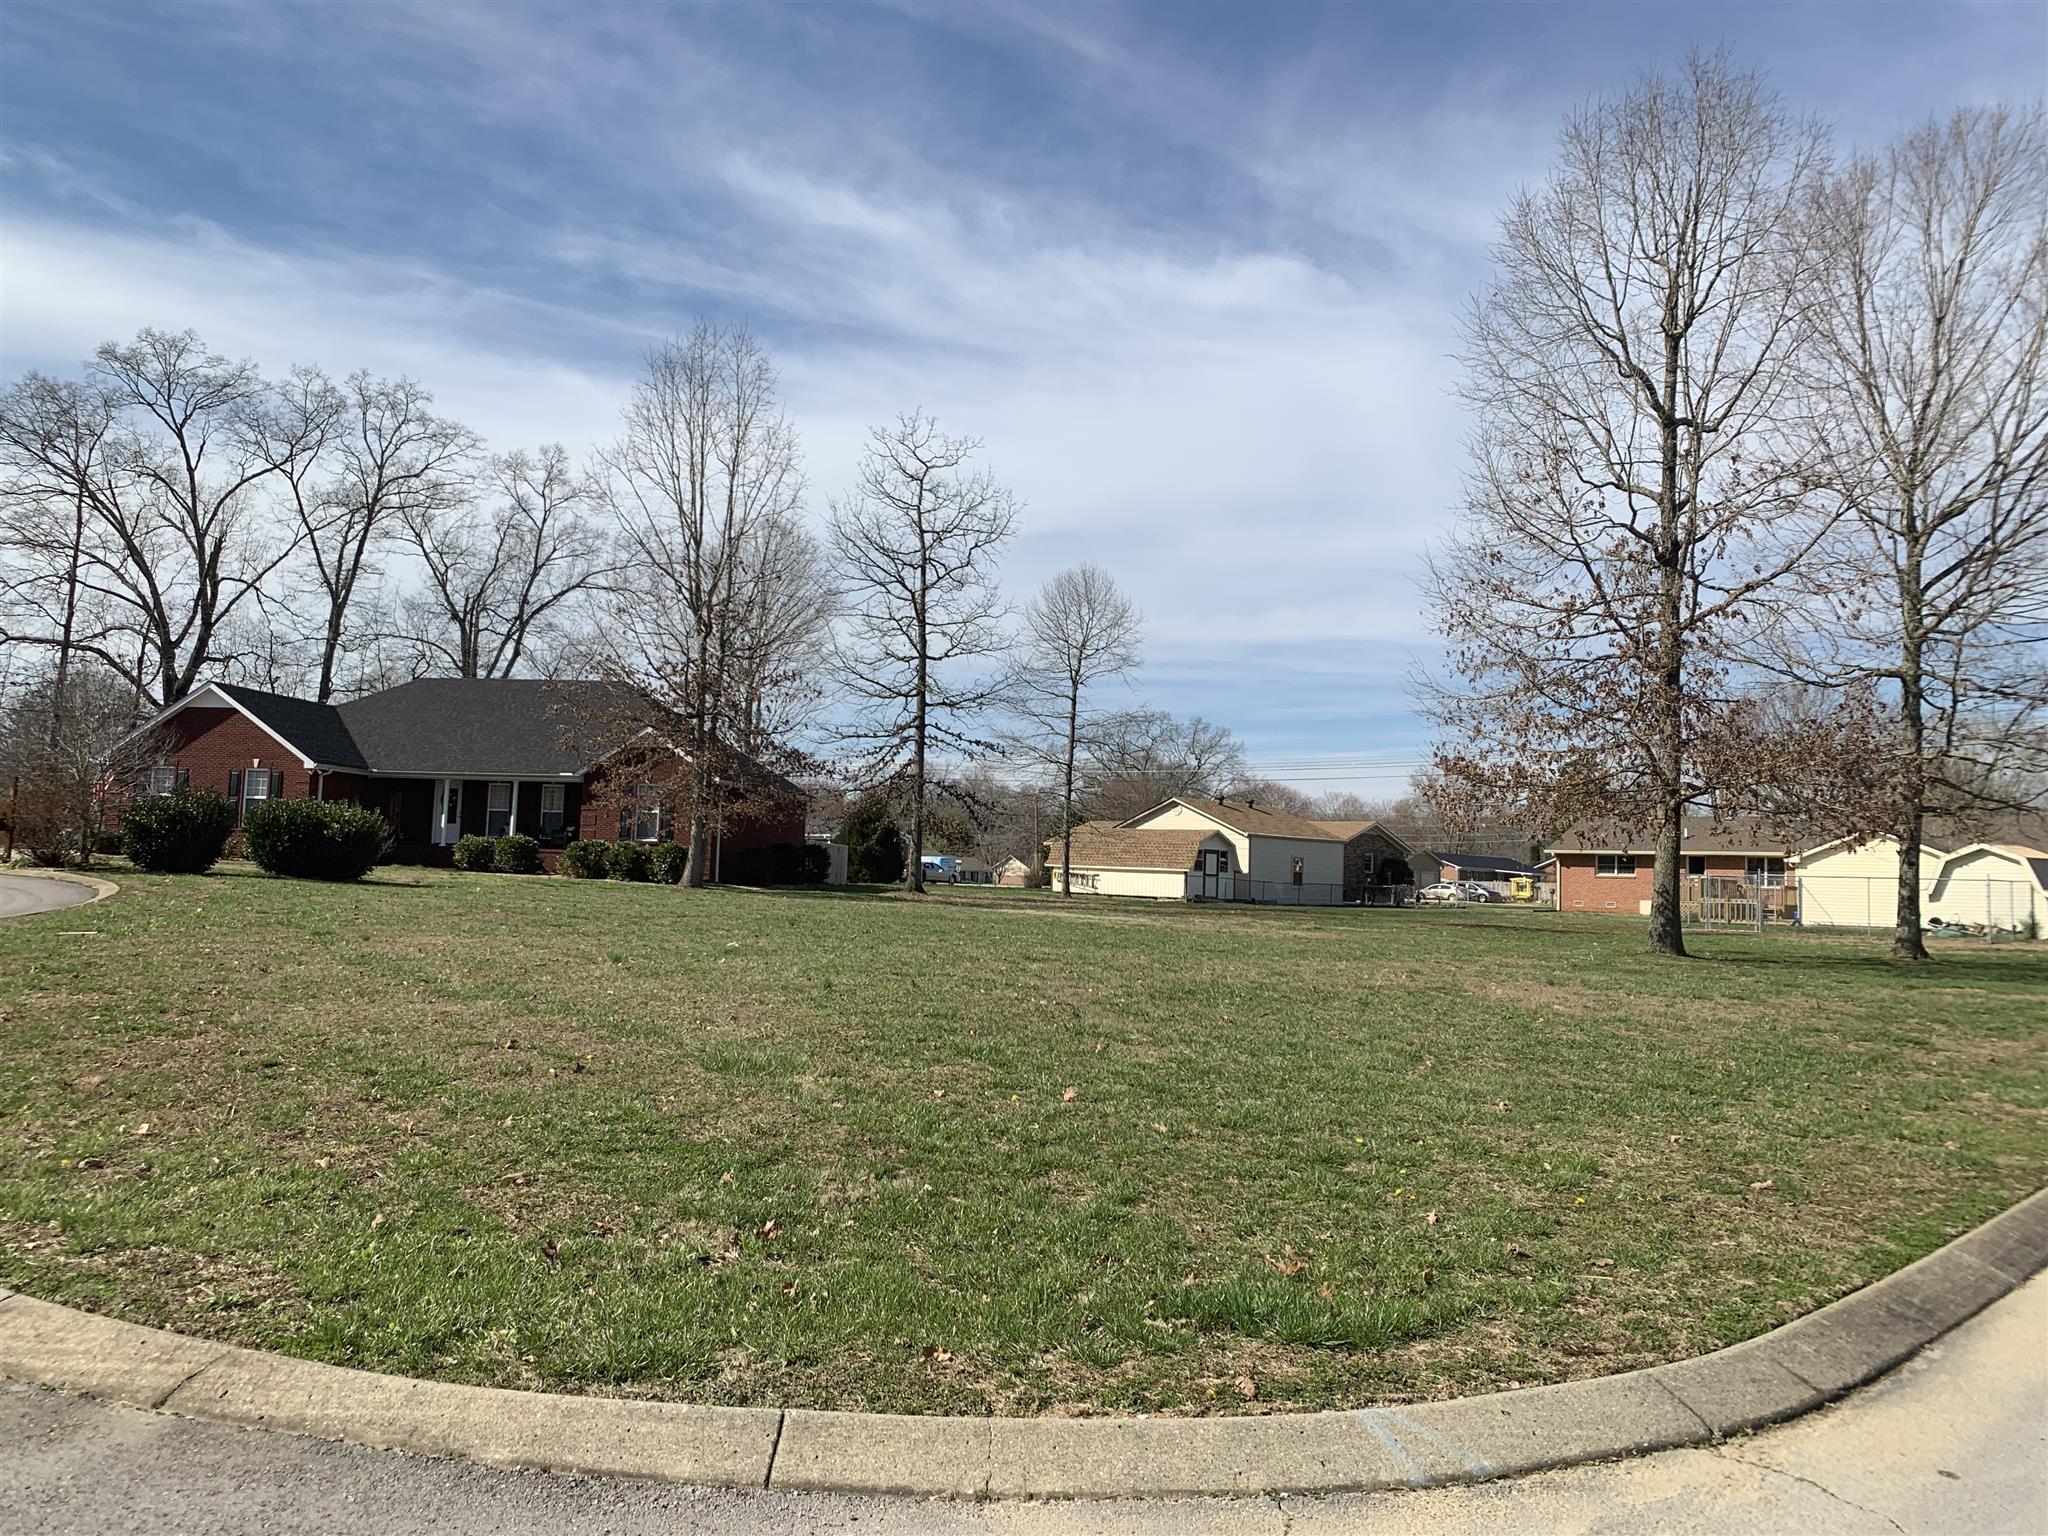 0 George Ct Lot 2, Tullahoma, TN 37388 - Tullahoma, TN real estate listing